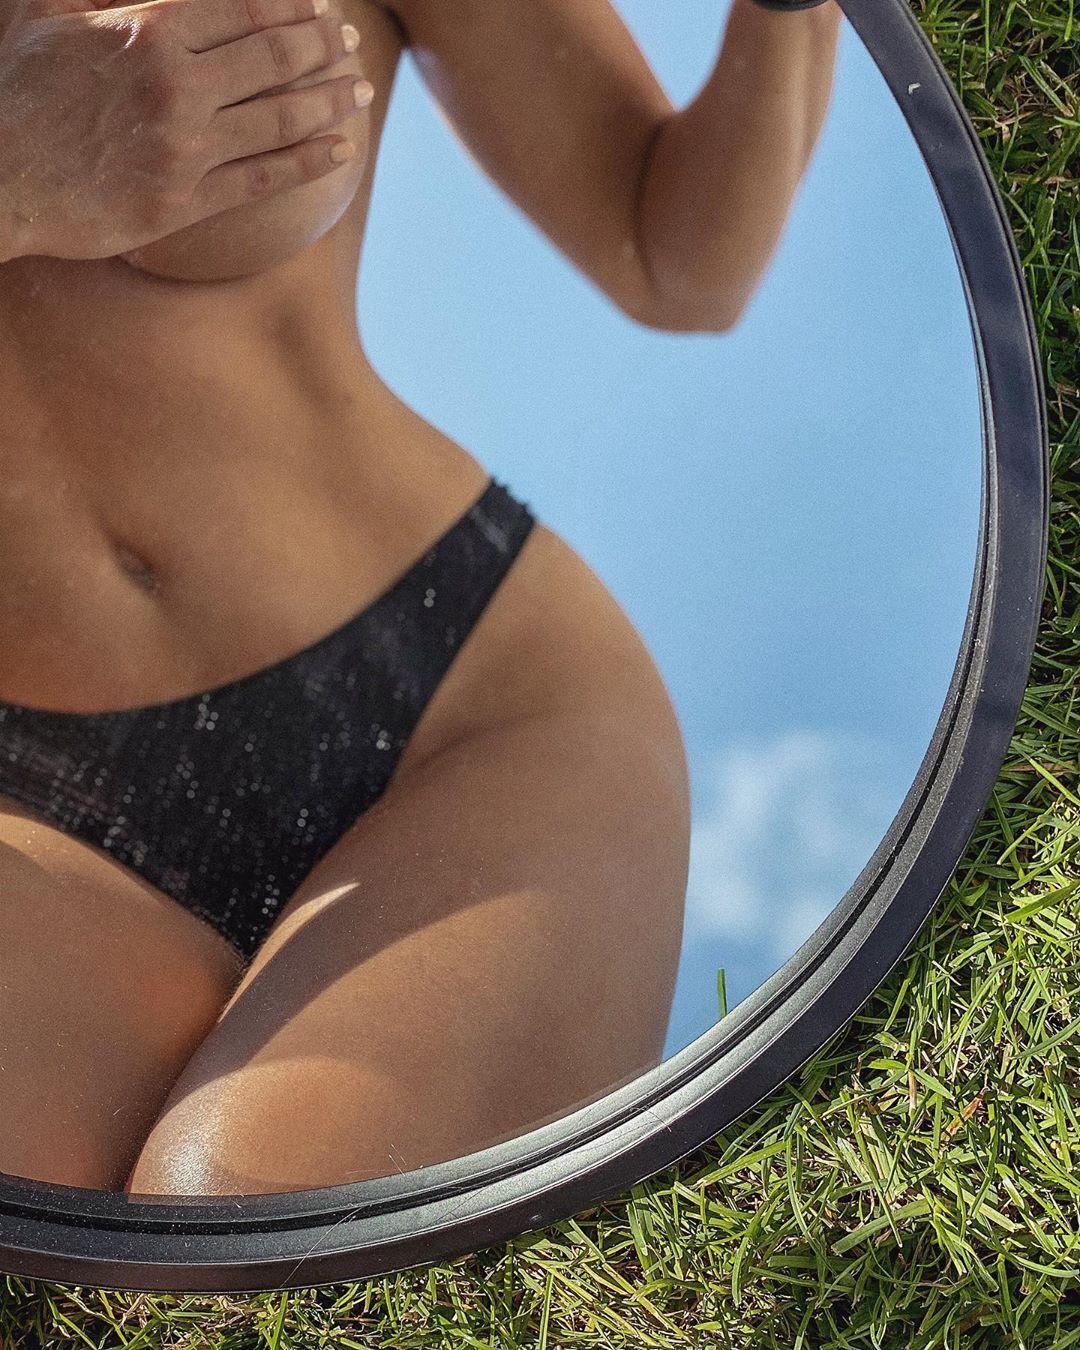 Знаменита фітнес-модель знялася повністю голою в басейні